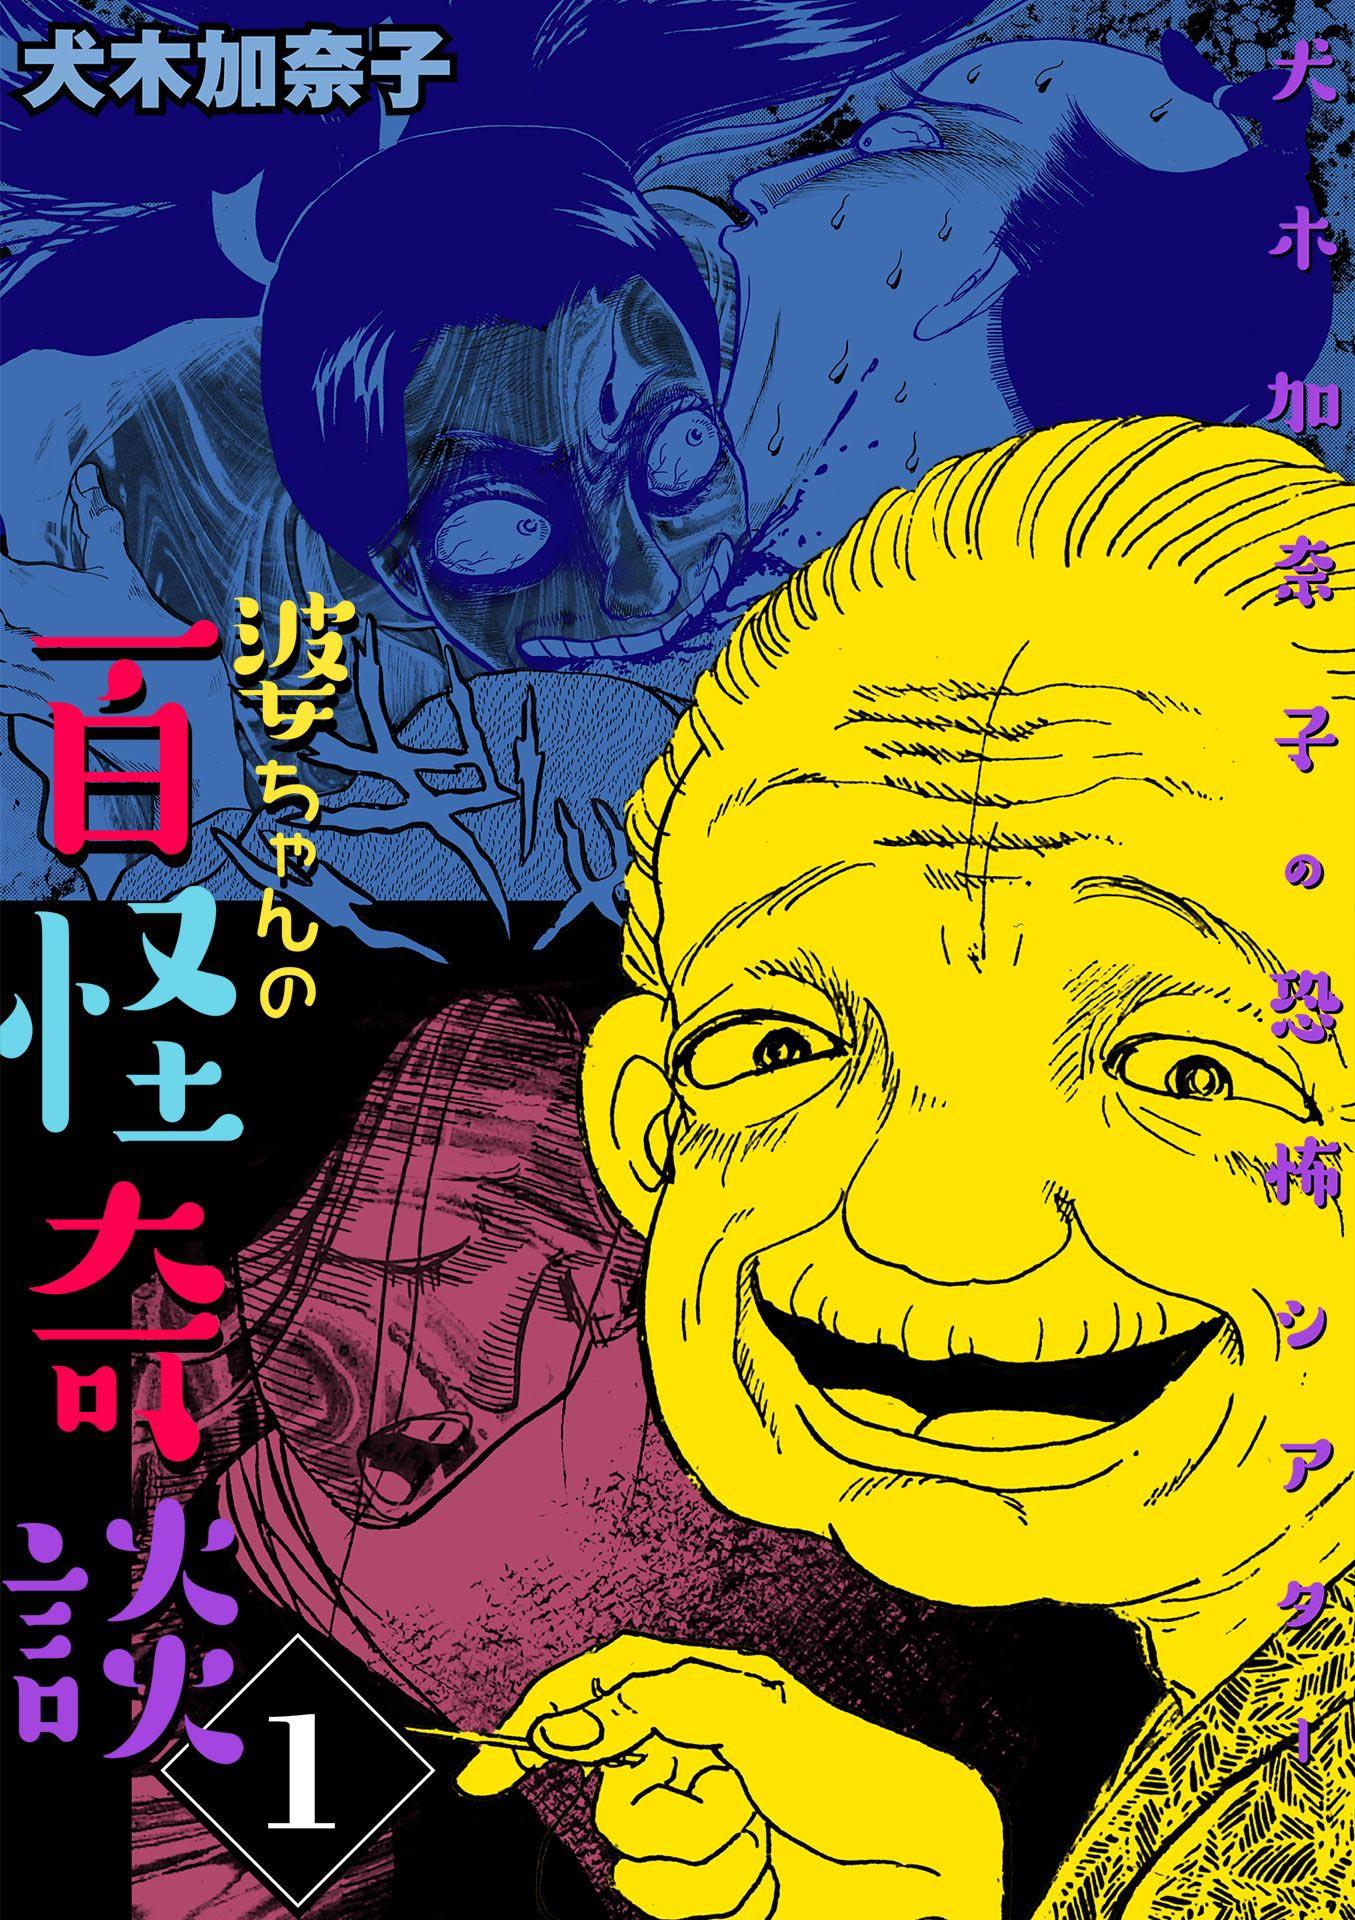 犬木加奈子の恐怖シアター 婆ちゃんの百怪奇談(第1巻)